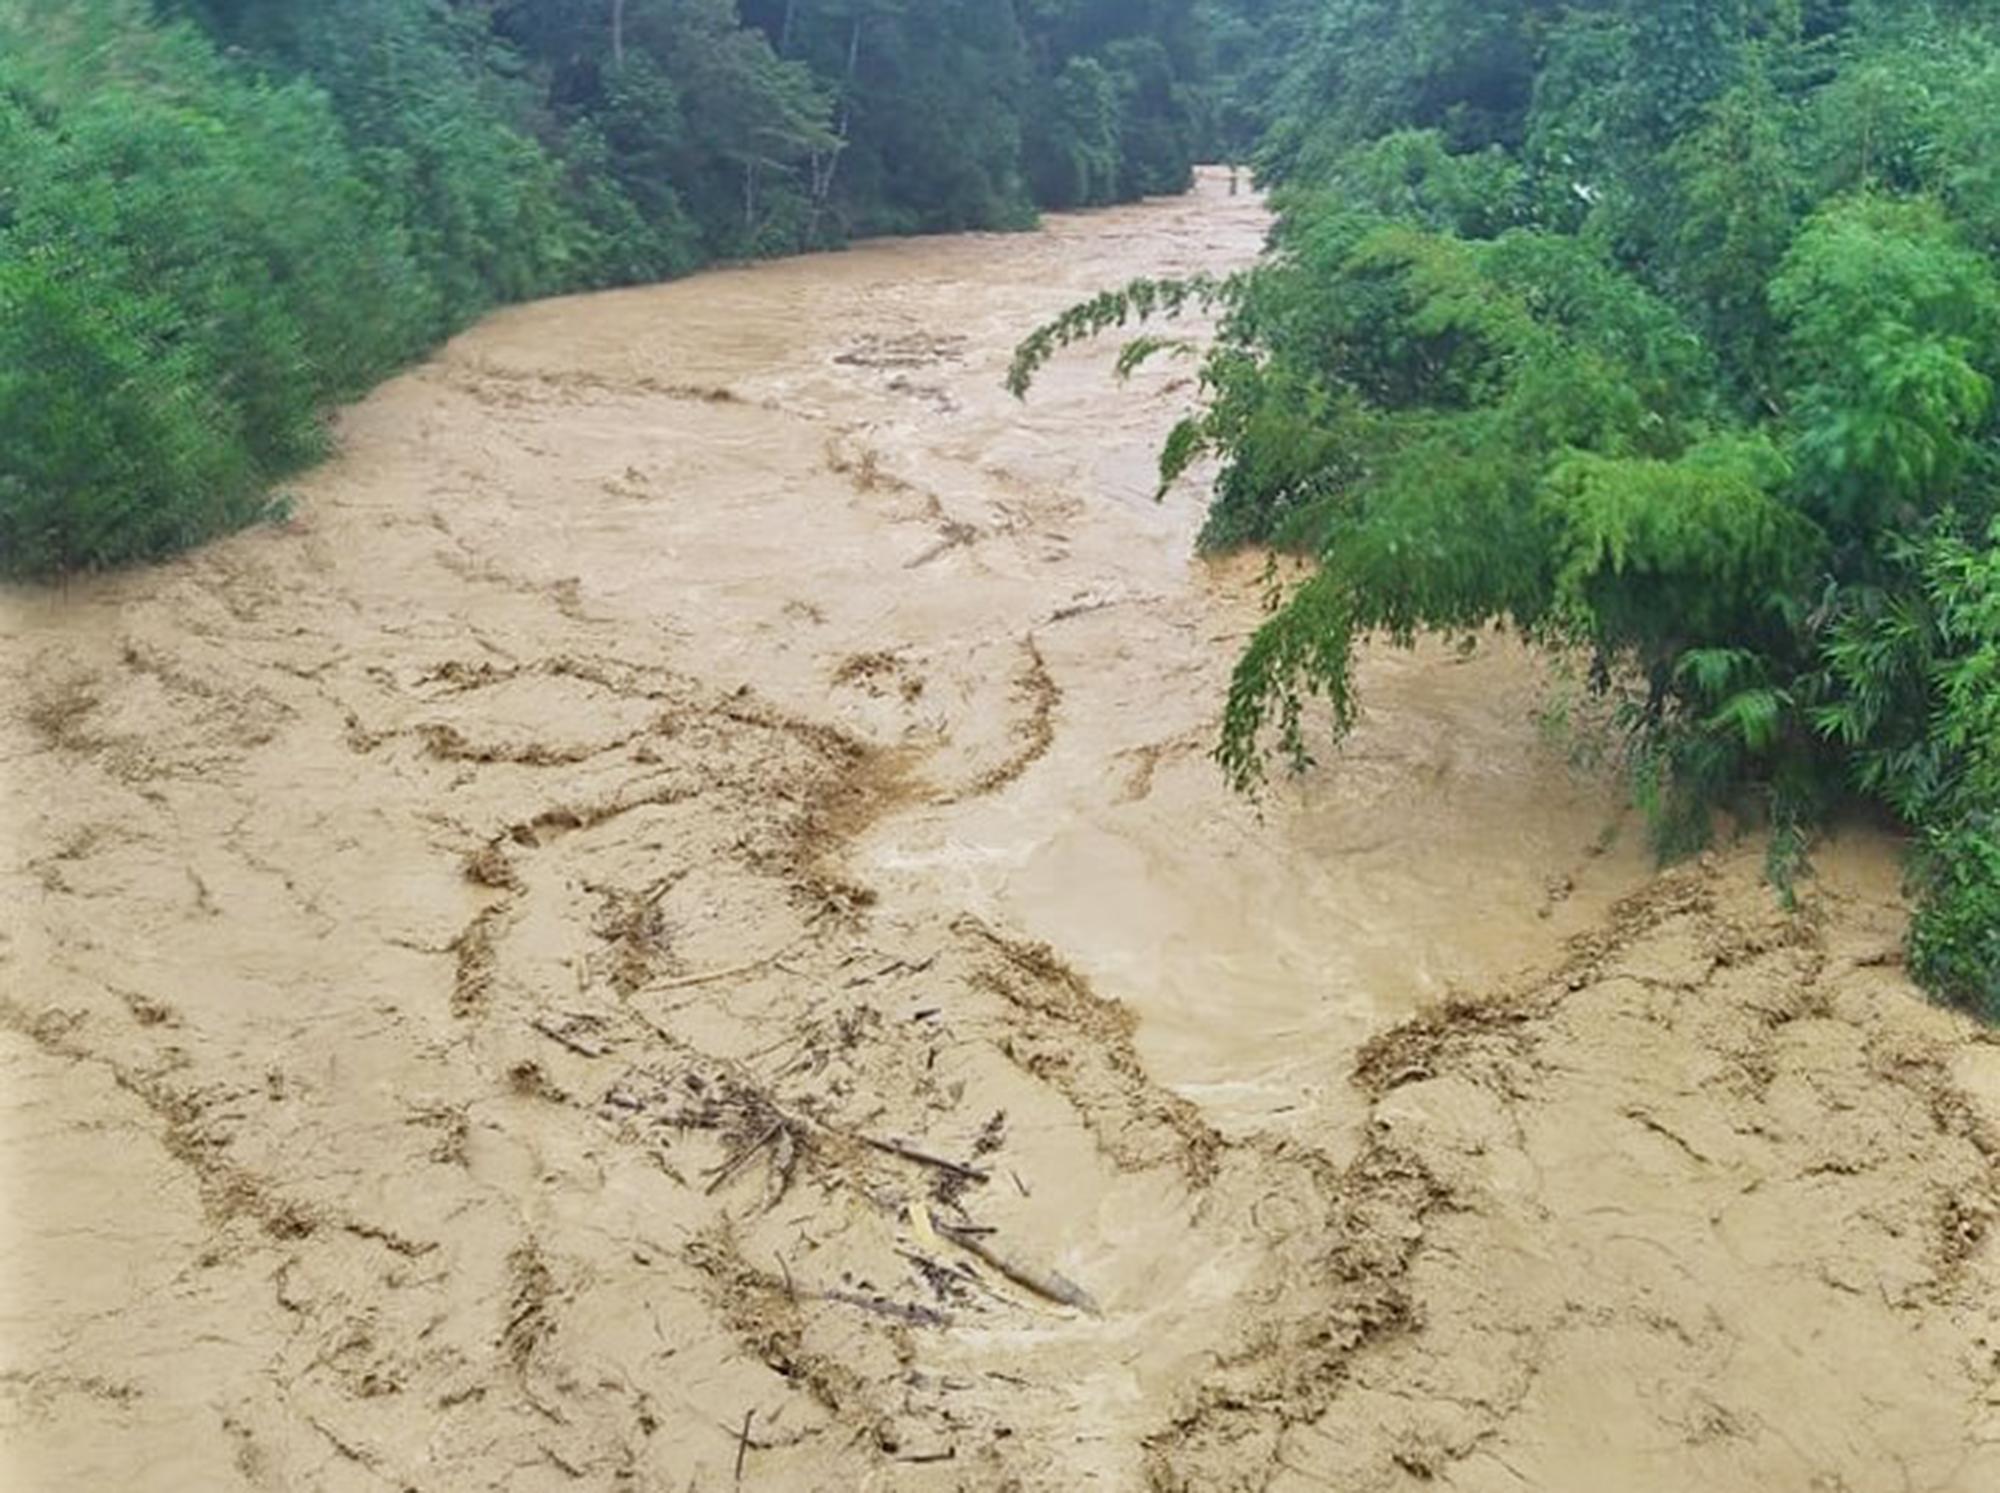 Huyện Tây Giang ảnh hưởng bão số 5 : Không để người dân vùng cô lập thiếu lương thực, nước uống - Ảnh 1.